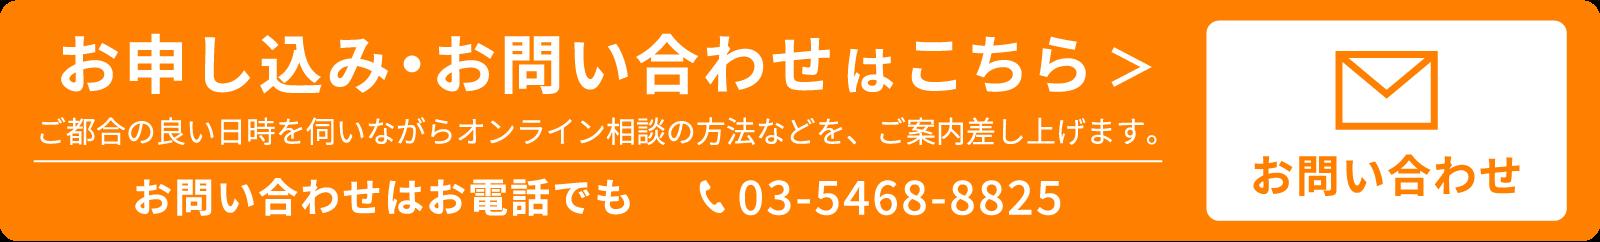 オンライン相談会のお申し込み・お問い合わせはこちら>お問い合わせはお電話でもどうぞ03-5468-8825お問い合わせフォーム